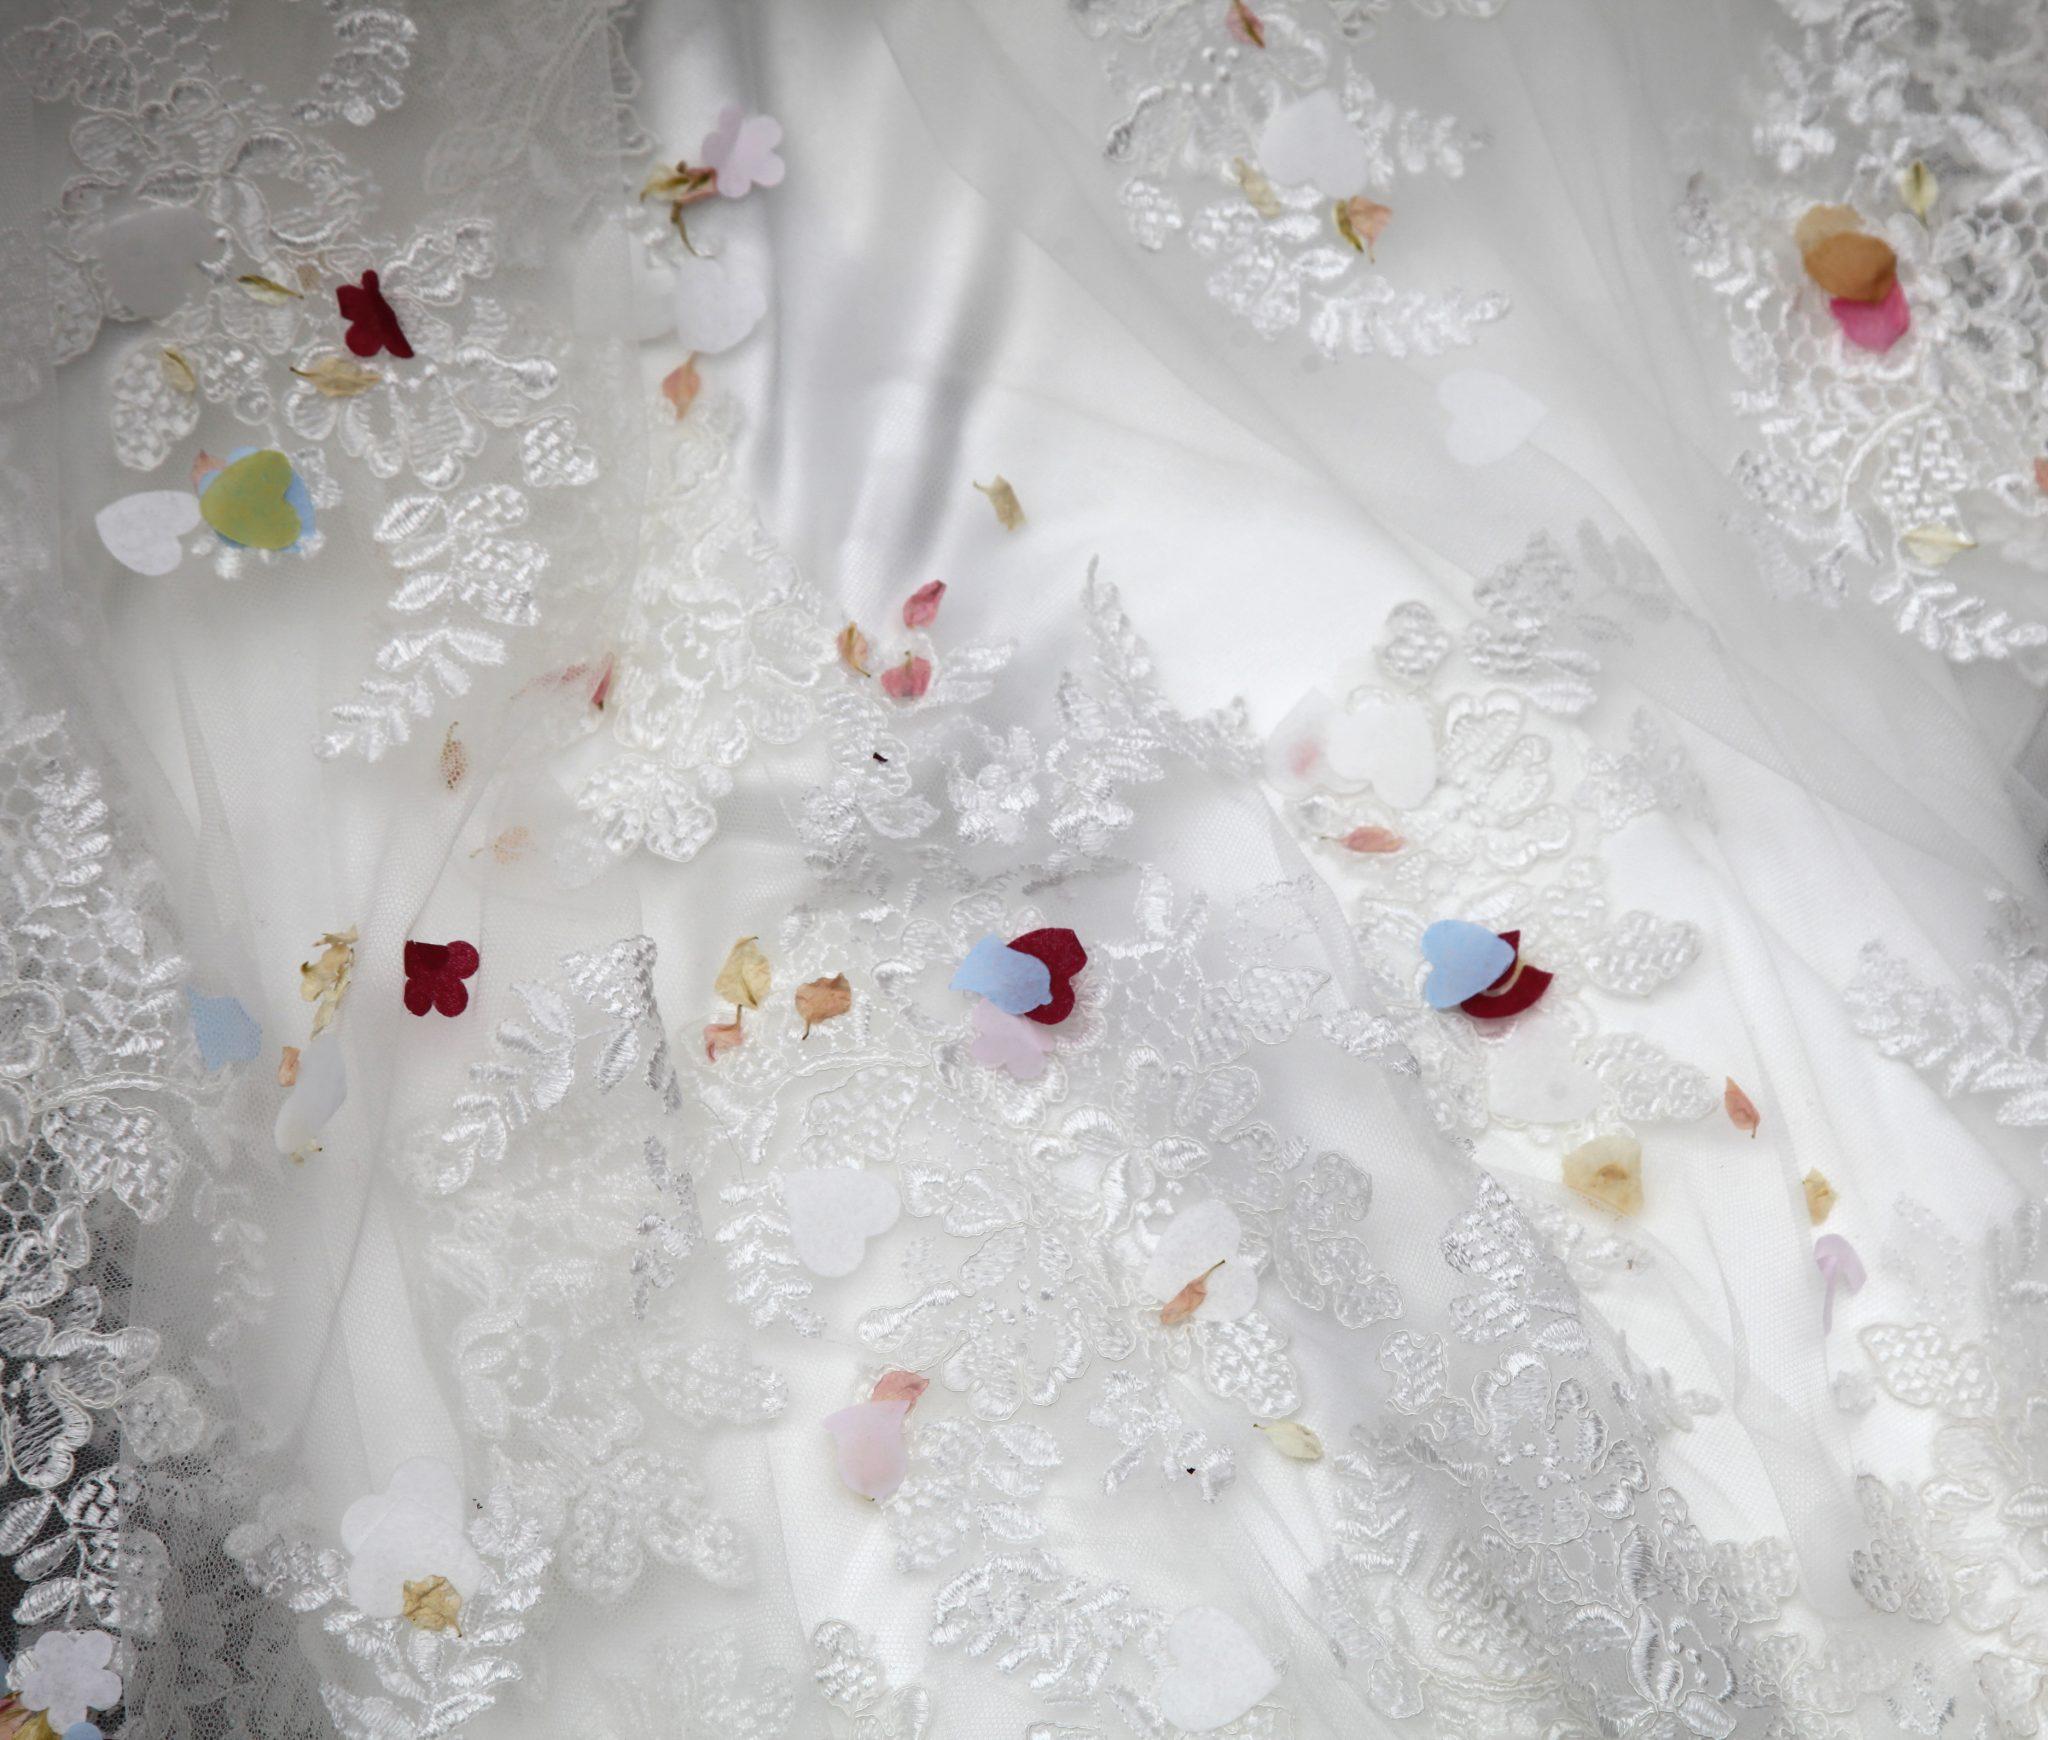 Confetti on wedding dress